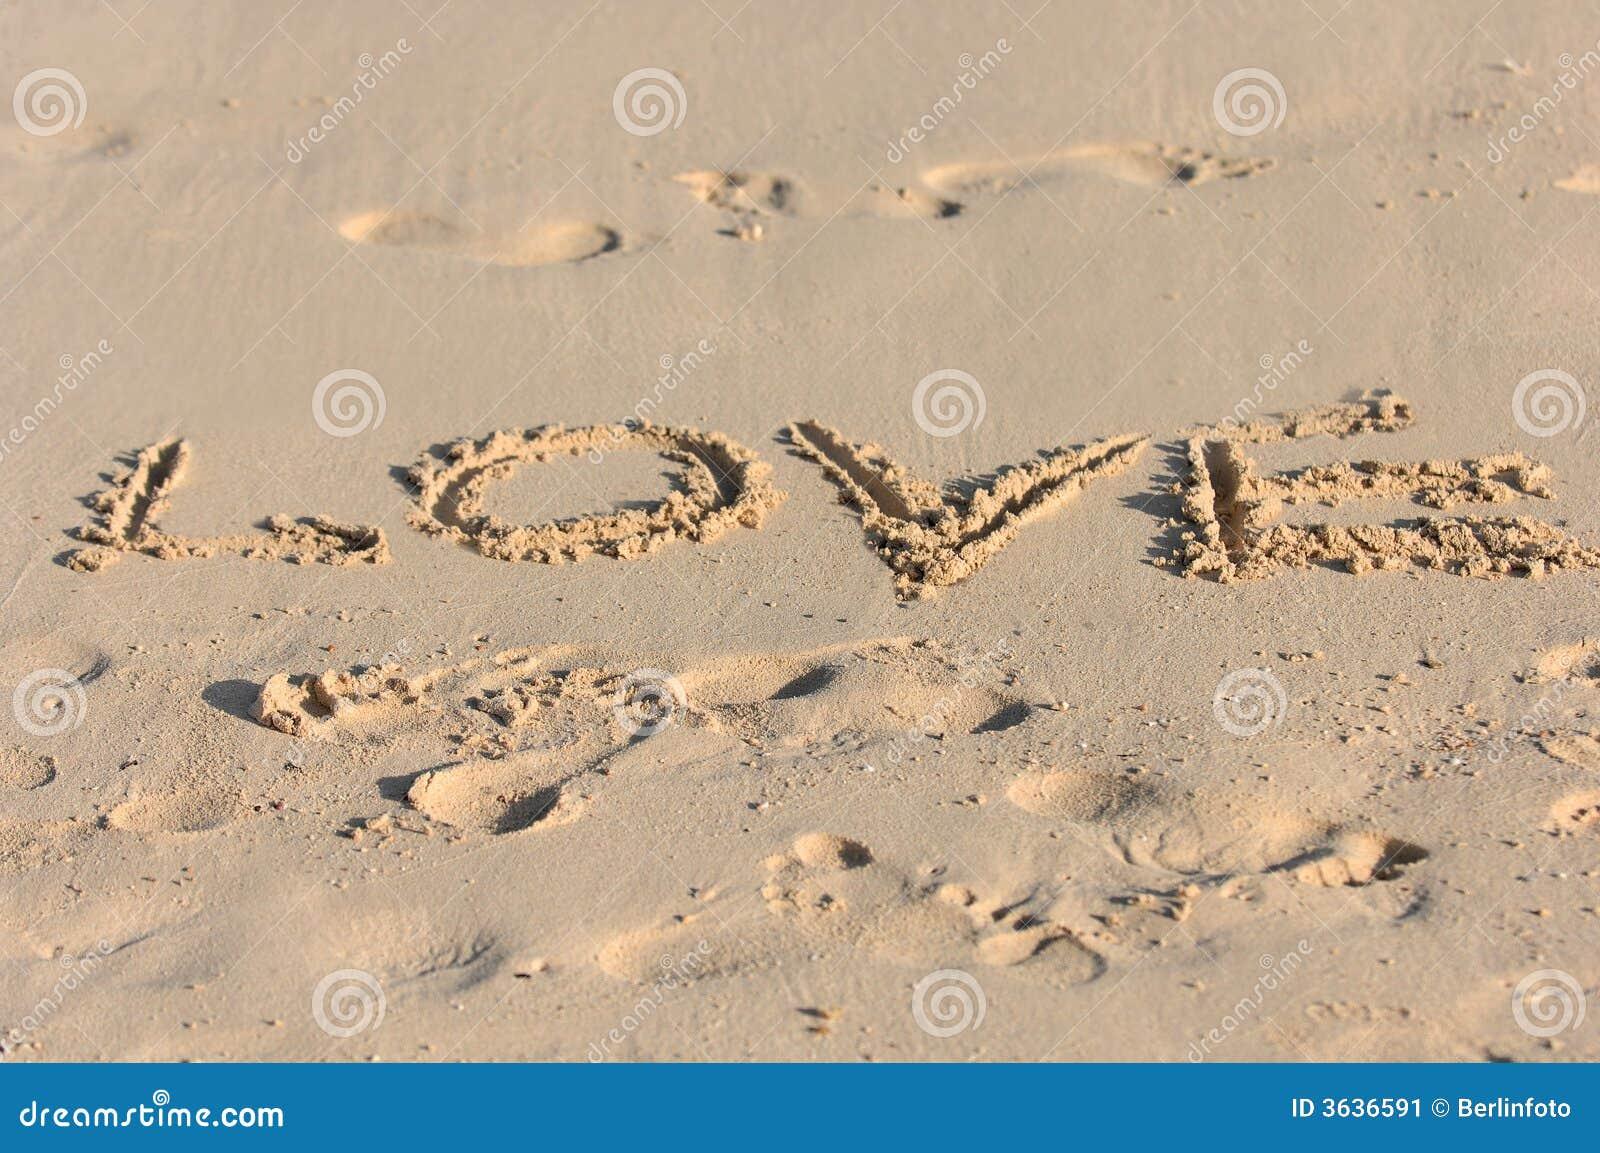 Mensajes De Amor Escritos En La Arena: Amor Escrito En La Playa Asoleada Imagen De Archivo